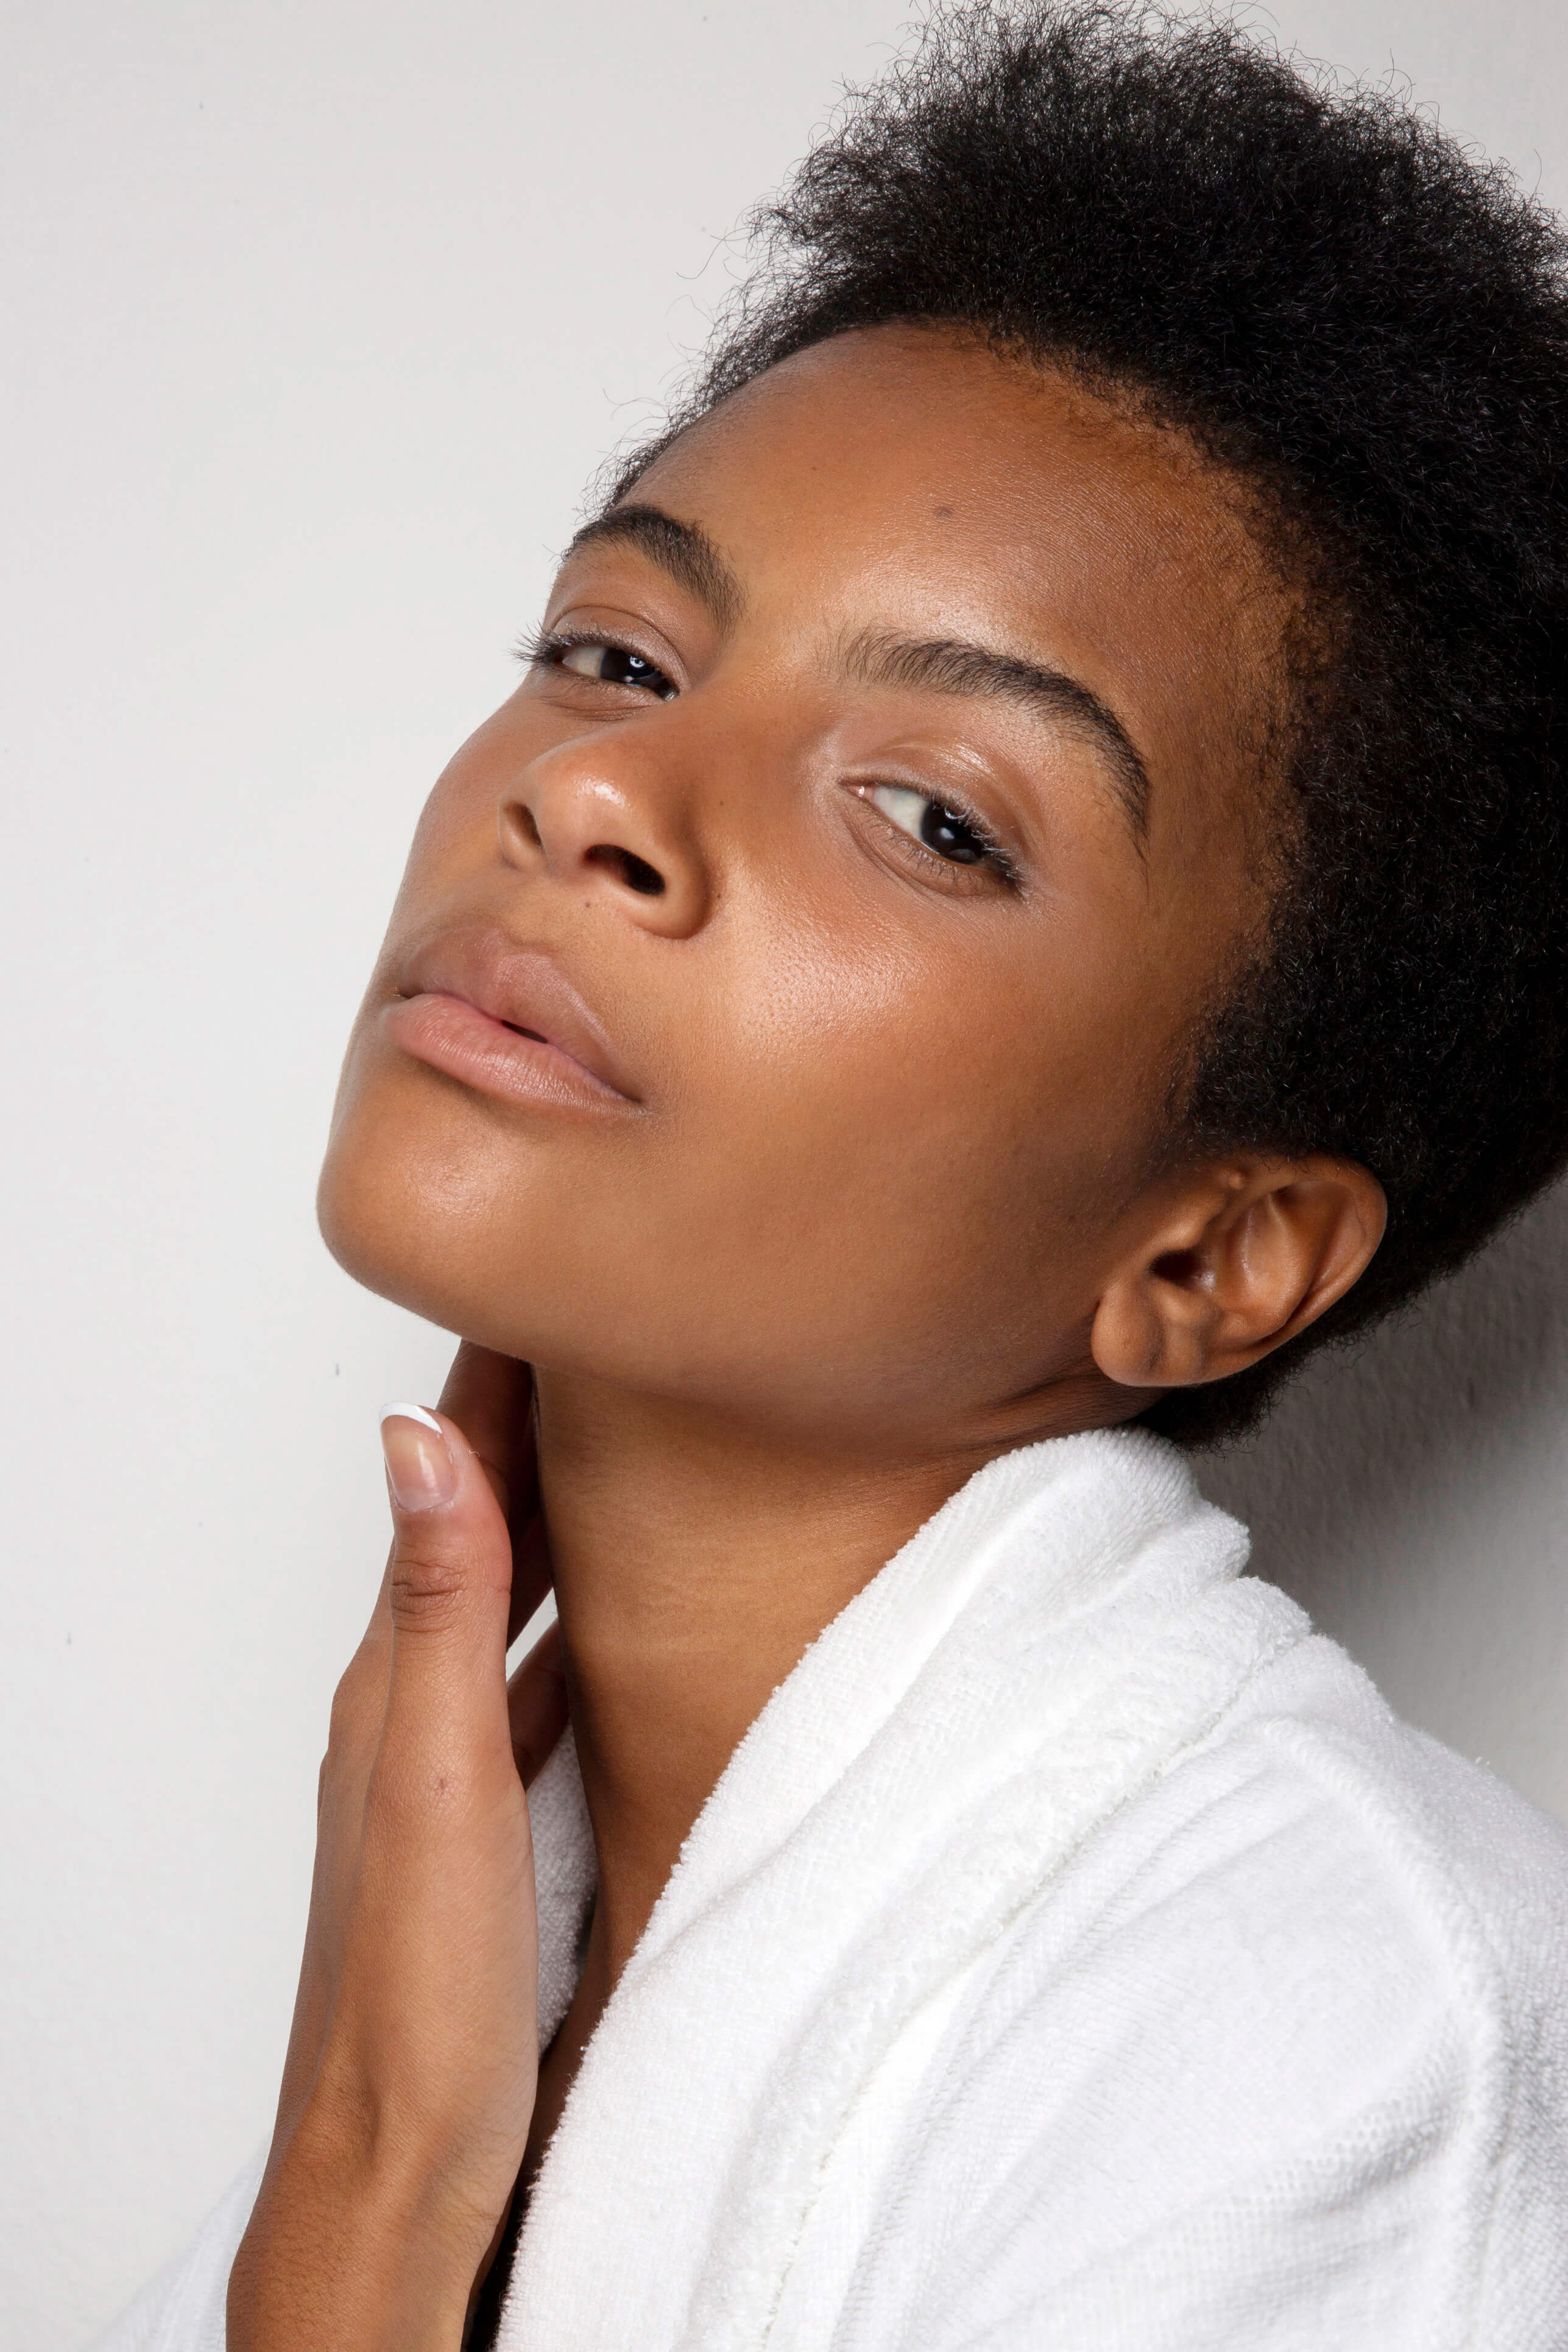 kosmetyki do pielęgnacji ciała przed latem